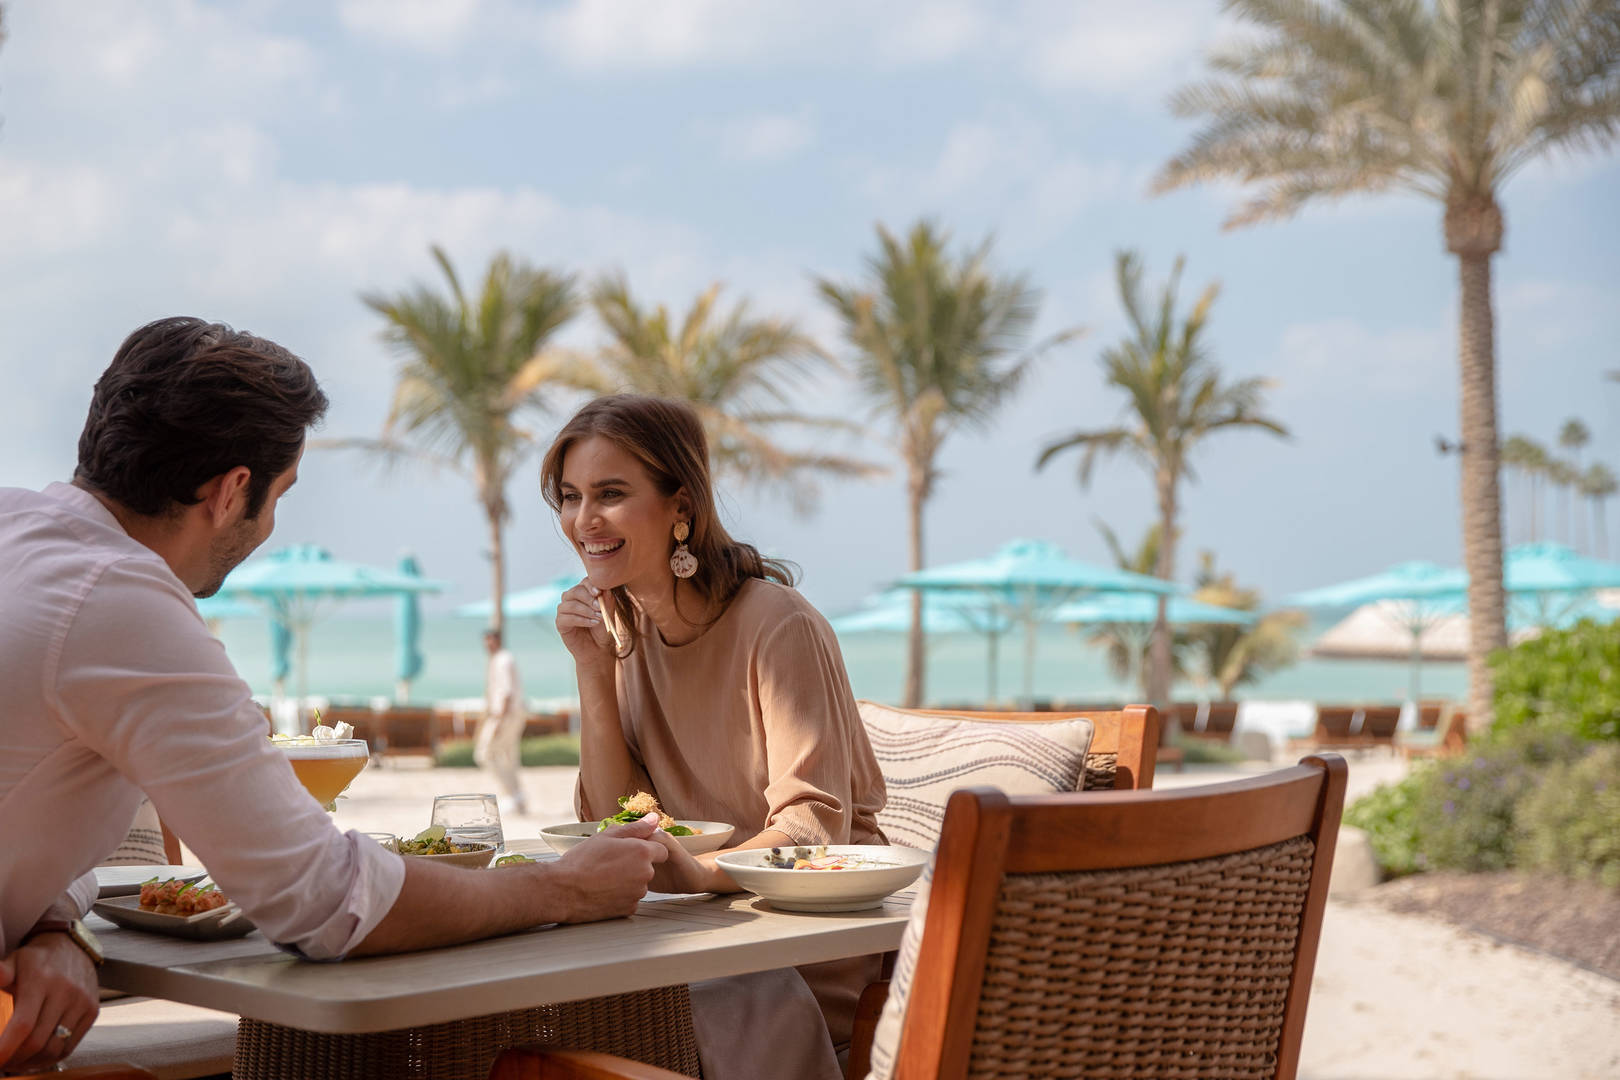 https://cdn.jumeirah.com/-/mediadh/DH/Hospitality/Jumeirah/Restaurants/Dubai/Al-Naseem-Summersalt/Restaurant-Gallery/JumeirahAlNaseemJapaneseFusionatSummersaltBeachClubBrunchCoupleViewBeach64.jpg?h=1080&w=1620&hash=F0988A78C62FBB7155F4BD26661E6BBB